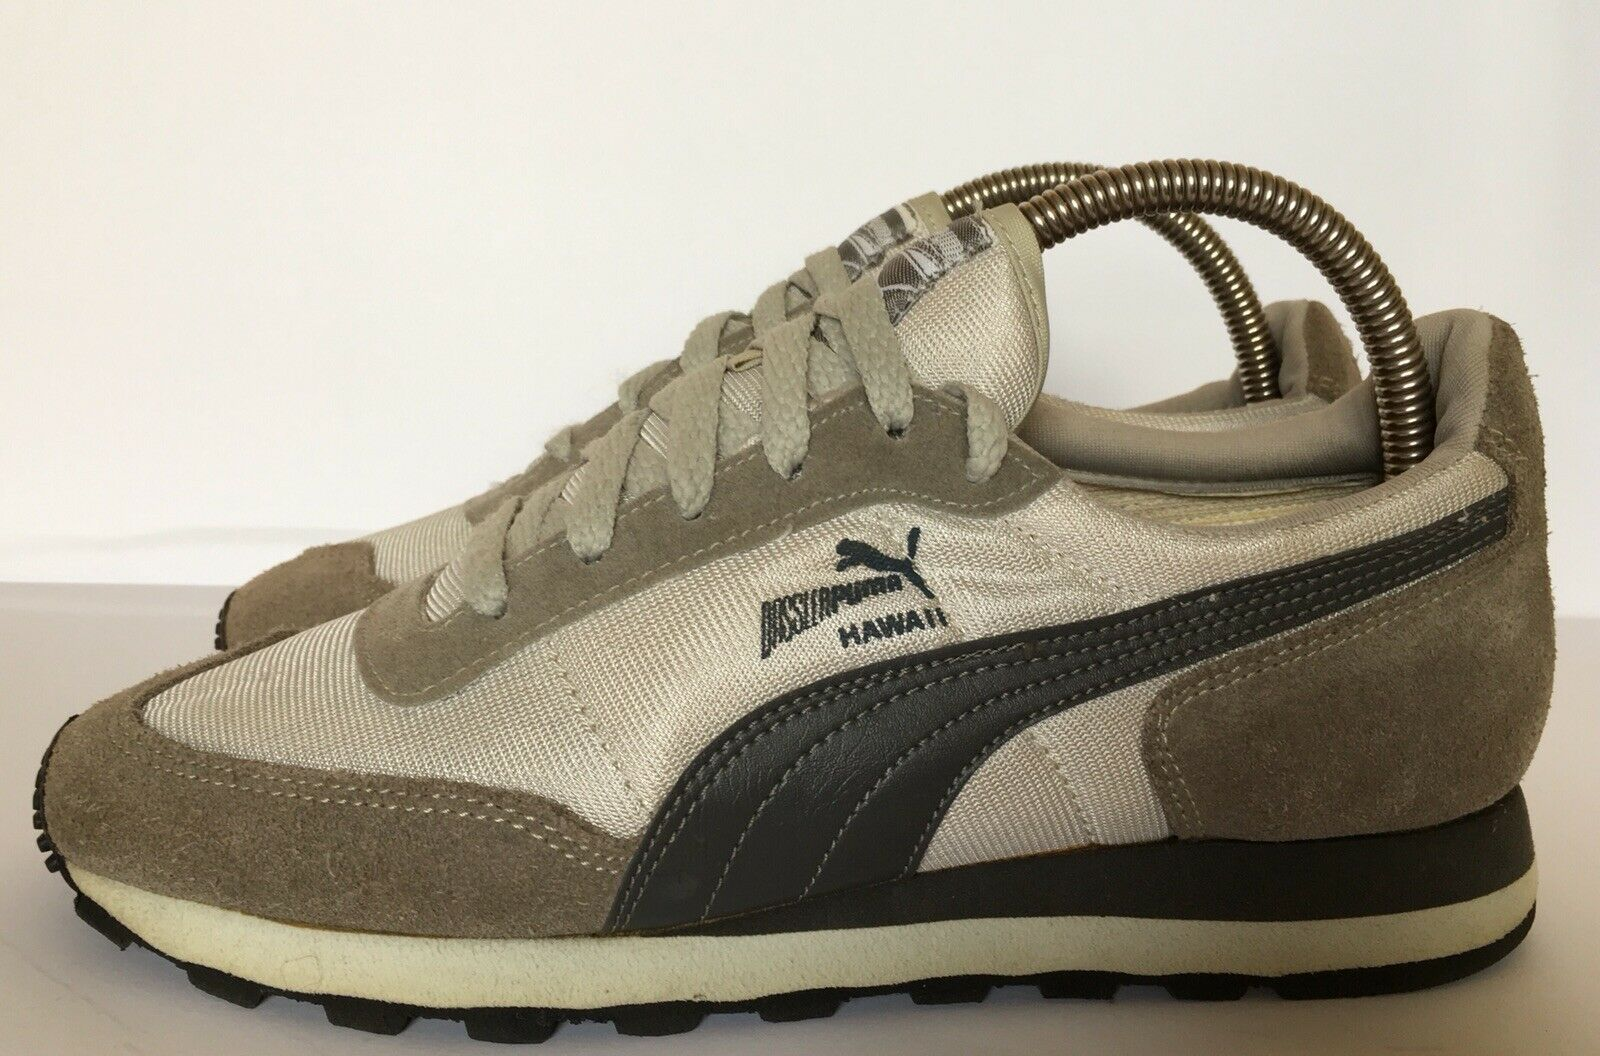 Puma Zapatos De Hawaii Vintage RAREZA hecho en Alemania Occidental